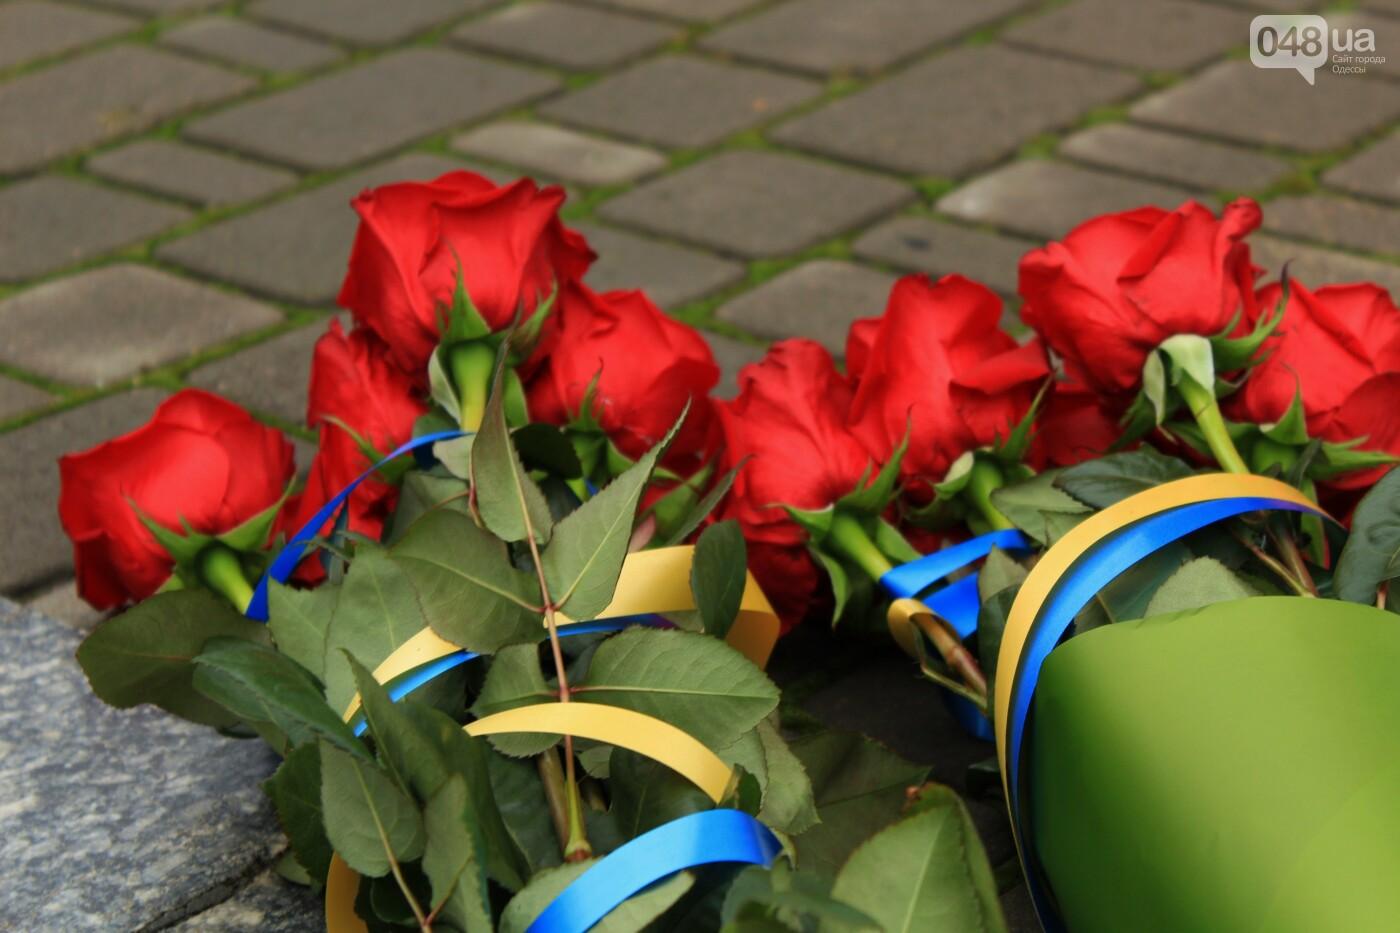 Возложение цветов, автор: Влад Зиньковский